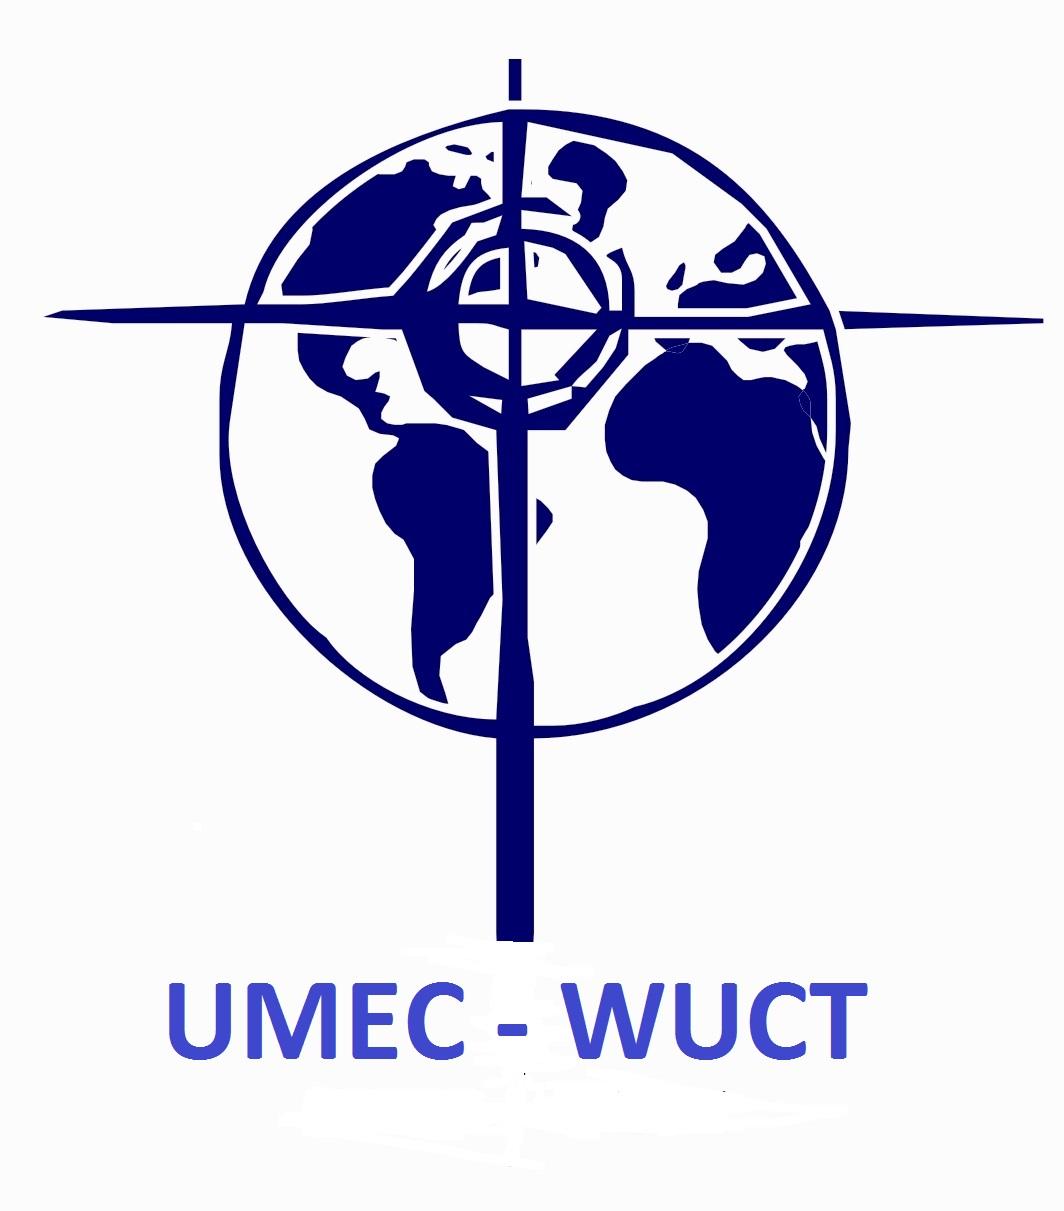 UMEC-WUCT